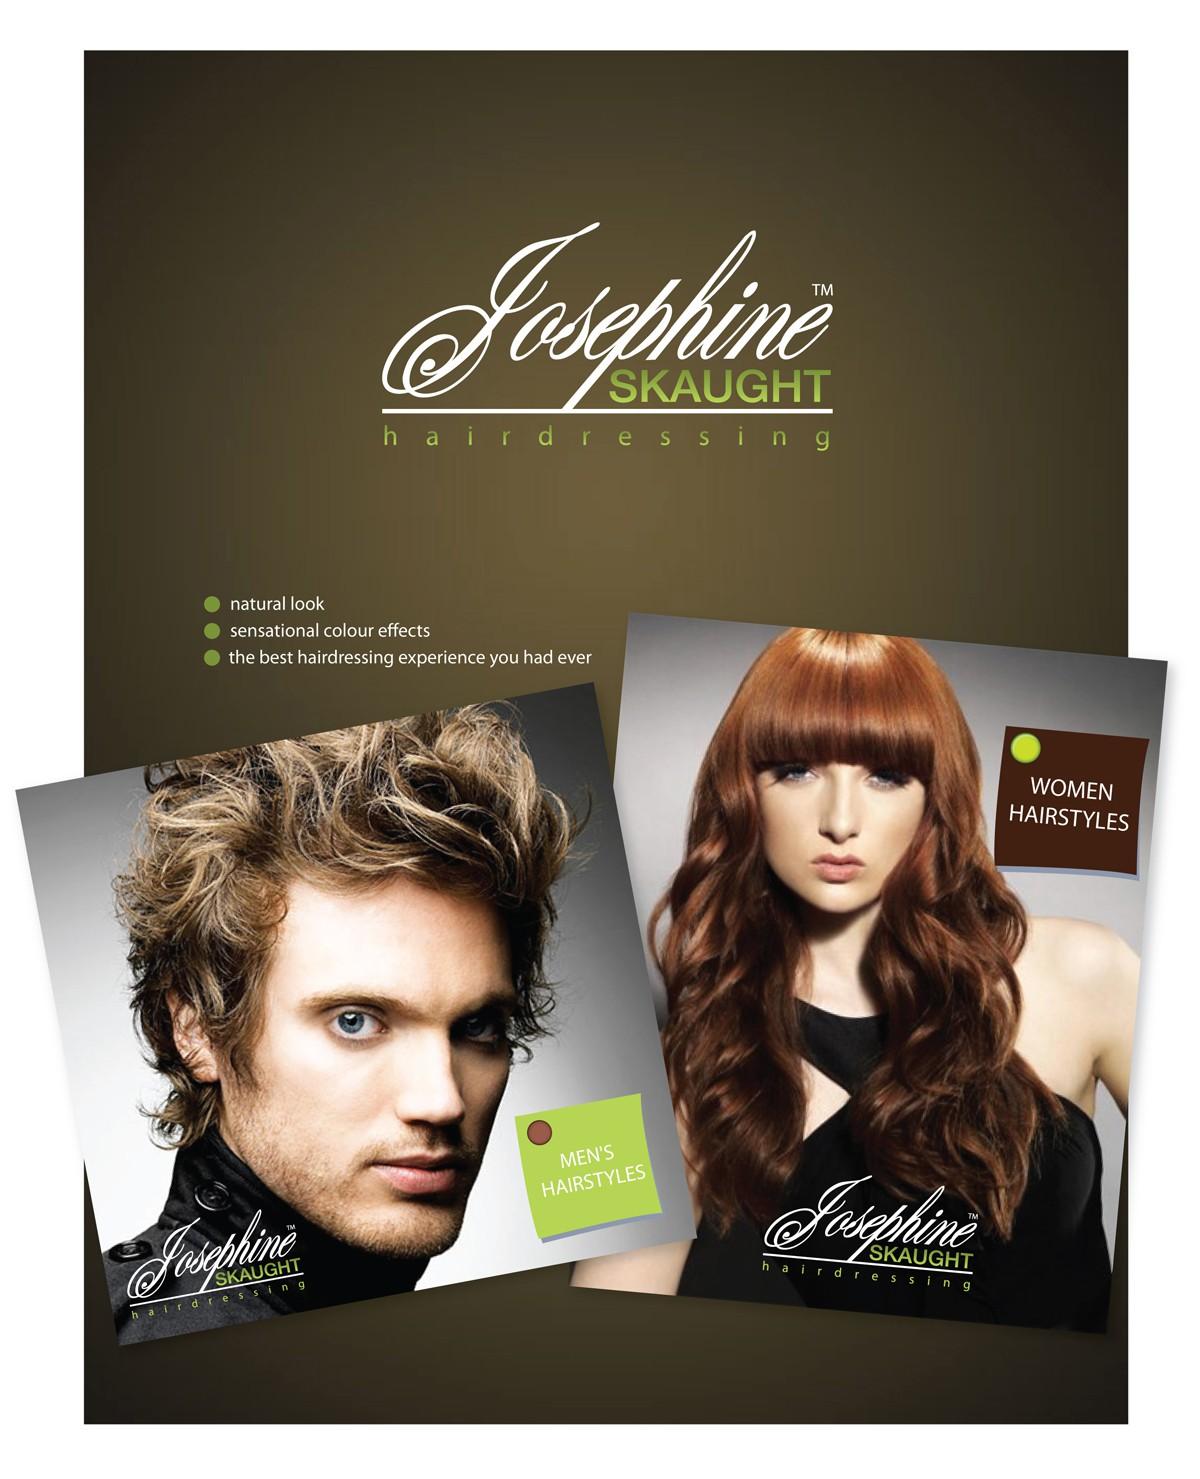 Create the next logo for josephine skaught hairdressing